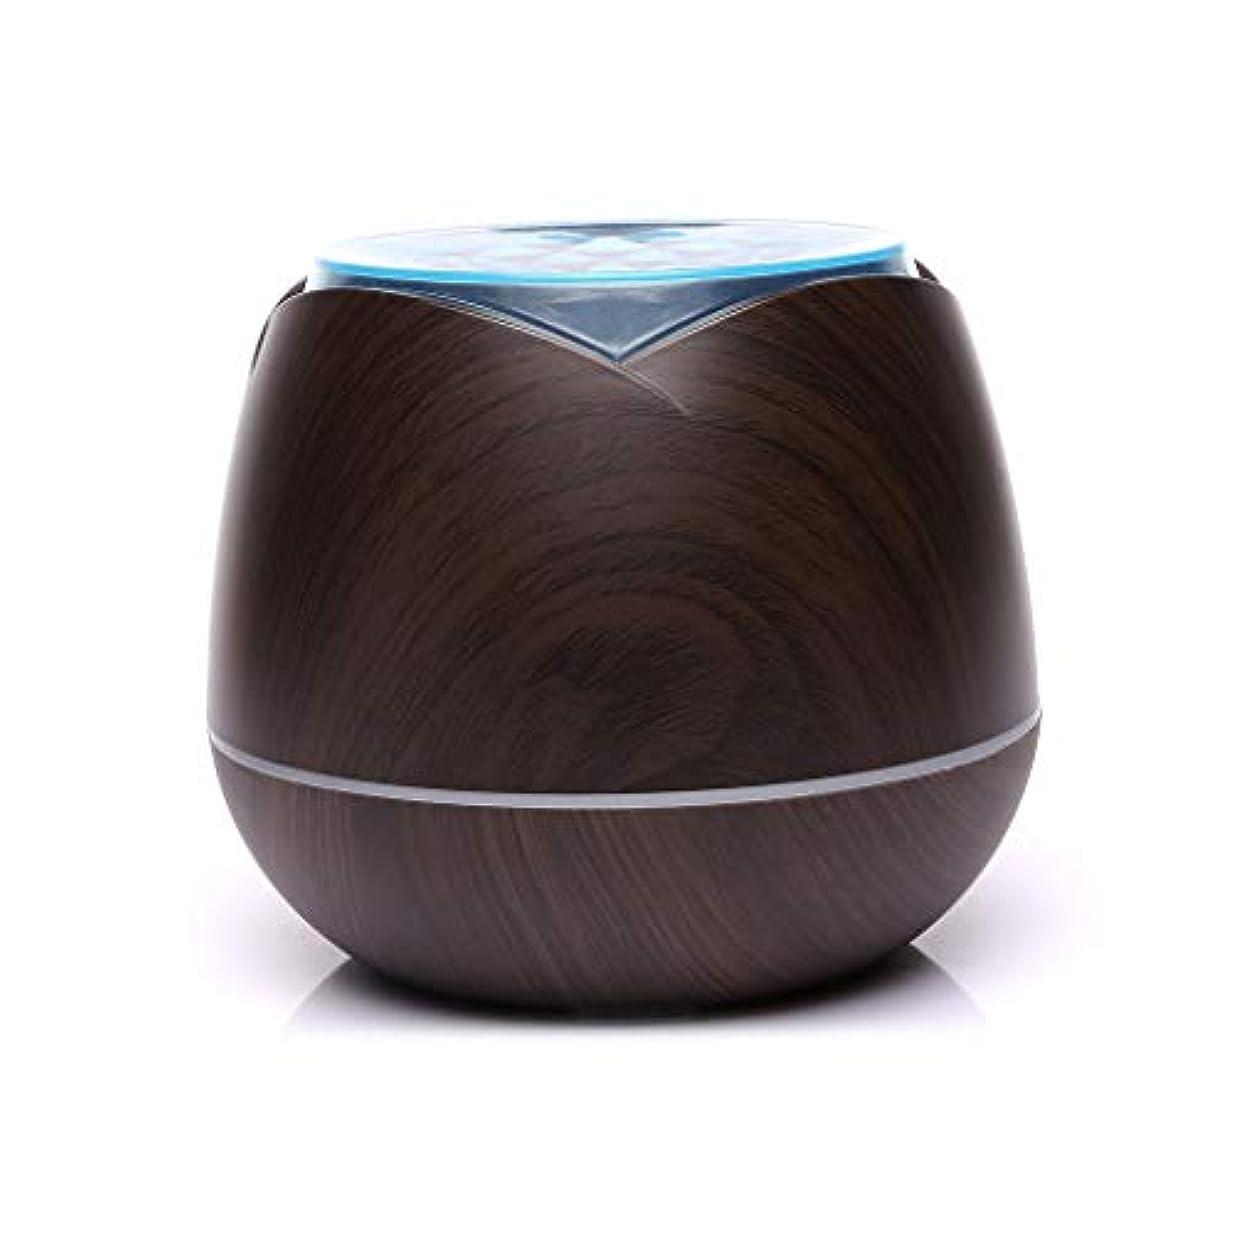 改革永遠の移行涼しい霧の空気加湿器、家、ヨガ、オフィス、鉱泉、寝室のために変わる色LEDライトと超音波400ml - 木目 - (Color : Dark wood grain)